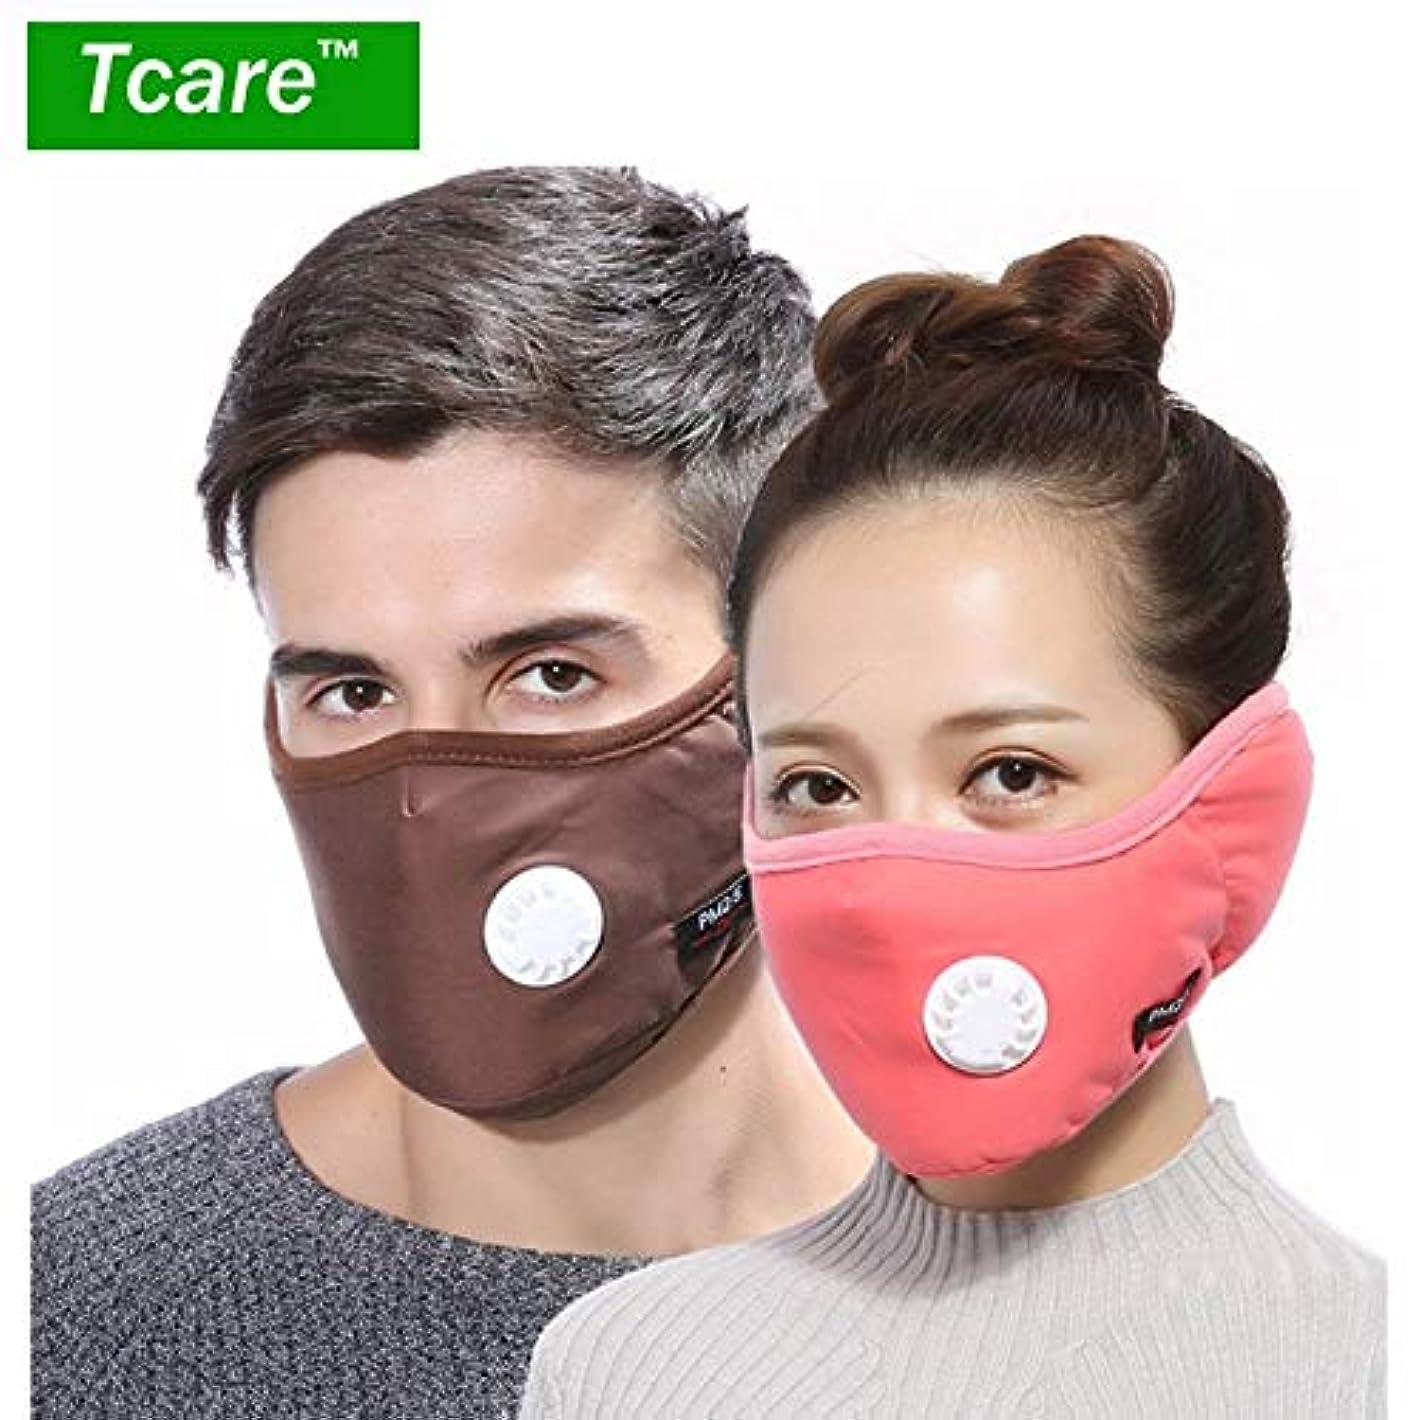 診断する安西ペグ5ブラウン:1枚のPM2.5マスクバルブコットンアンチダスト口マスク冬のイヤーマフActtedフィルター付マスクでTcare 2